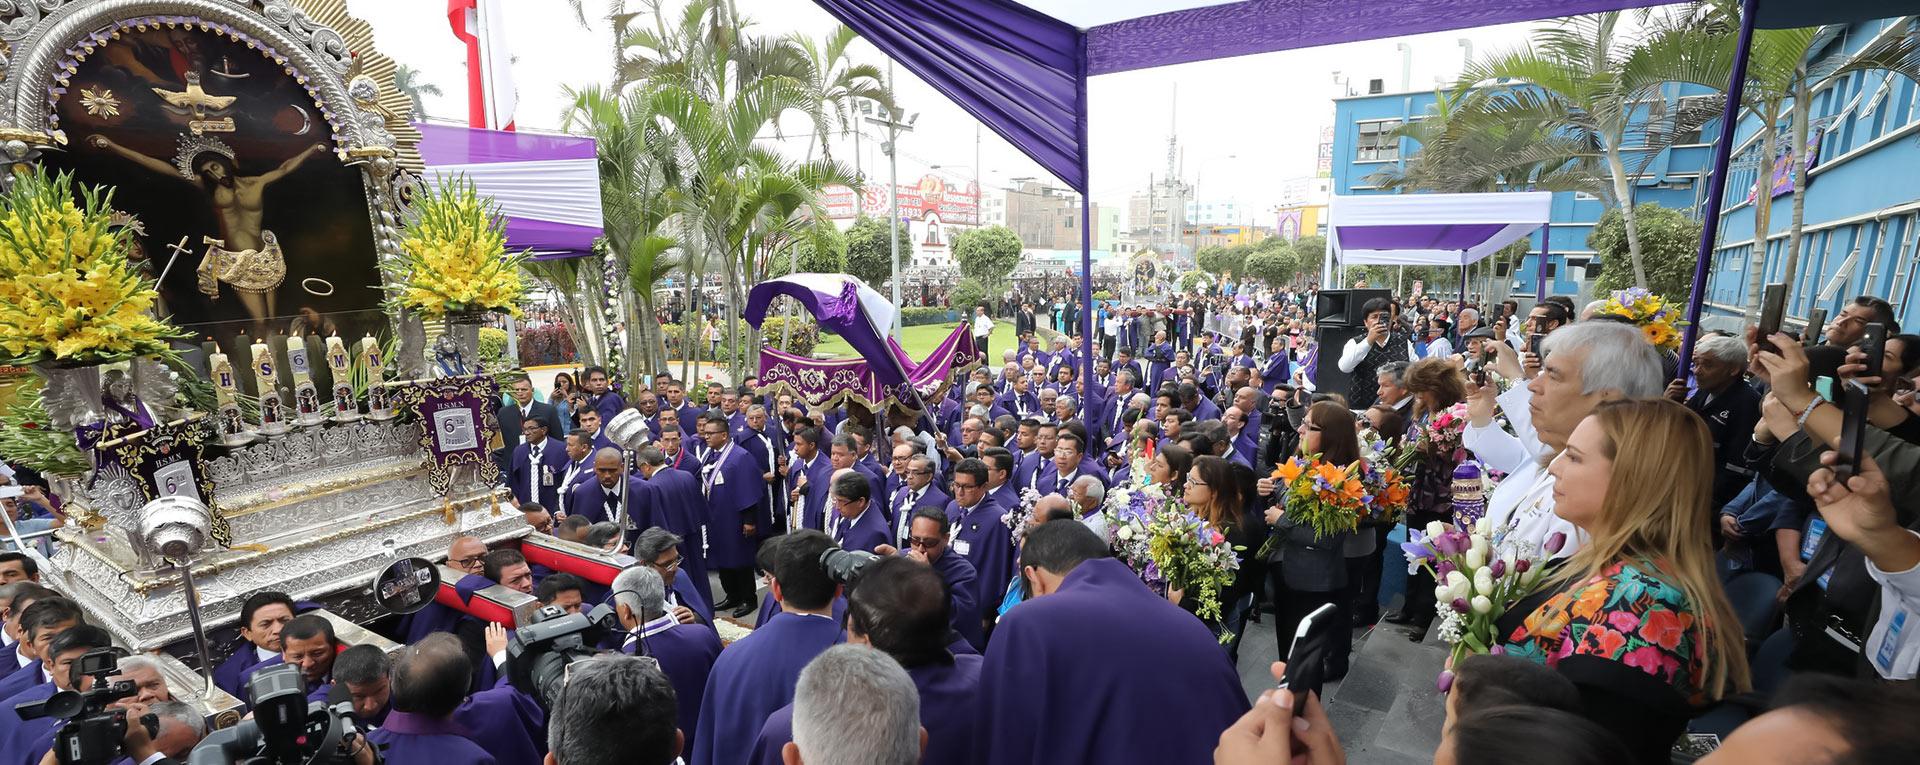 Essalud - EsSalud rinde homenaje a la sagrada imagen del Señor de los Milagros